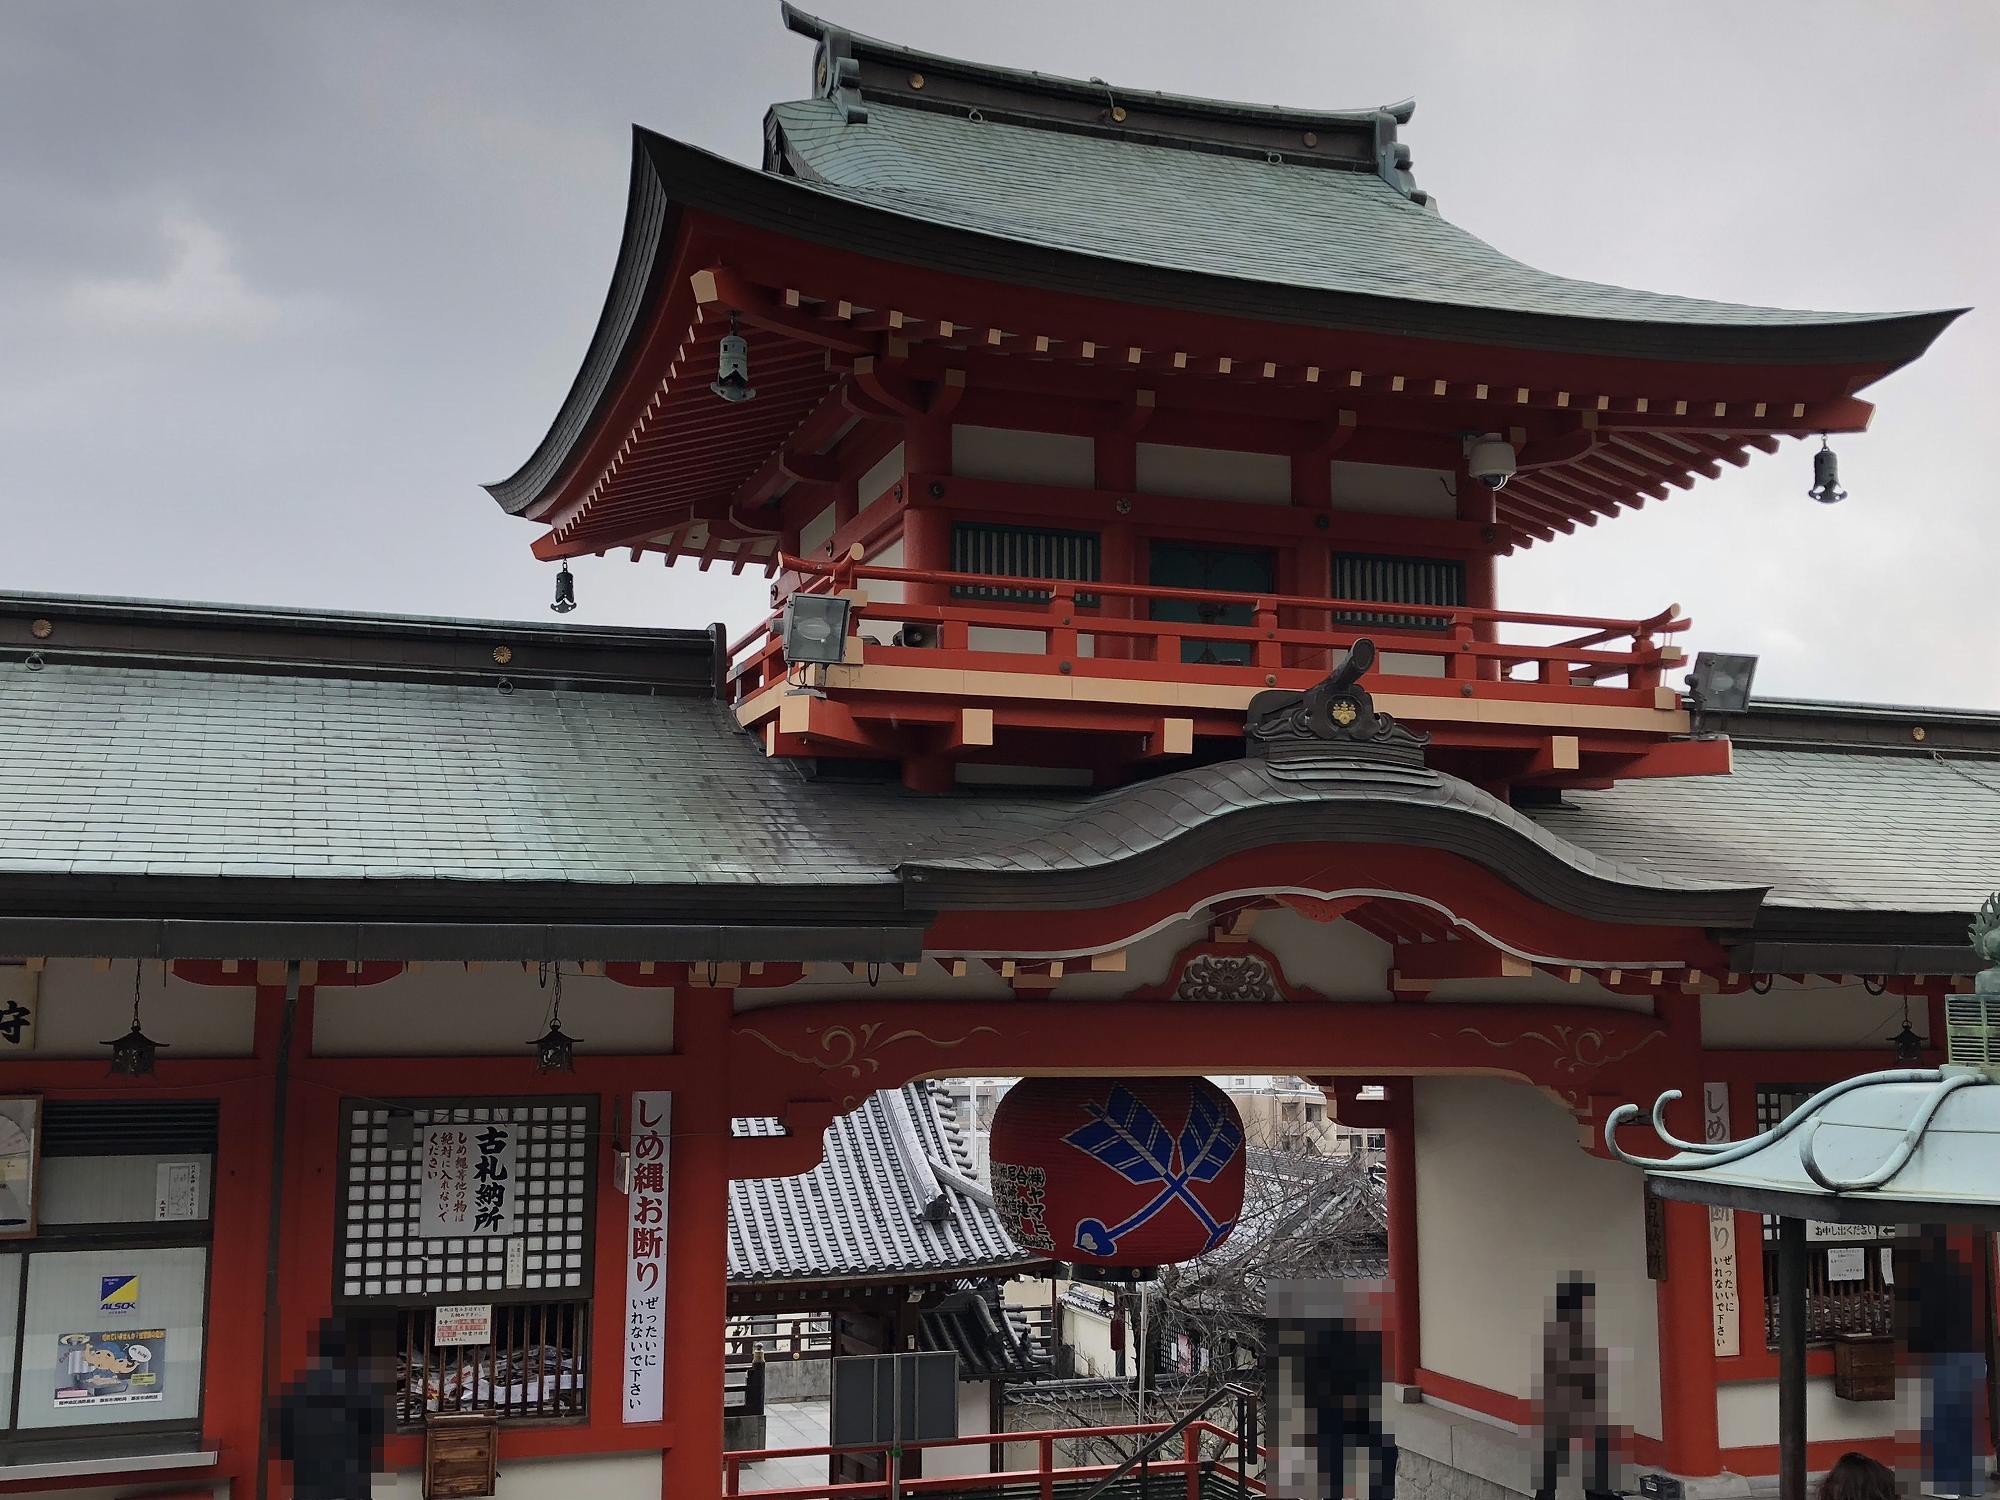 西宮にある「 #門戸厄神 東光寺」へ立ち寄ってみた! #厄神さん #神社・仏閣めぐり